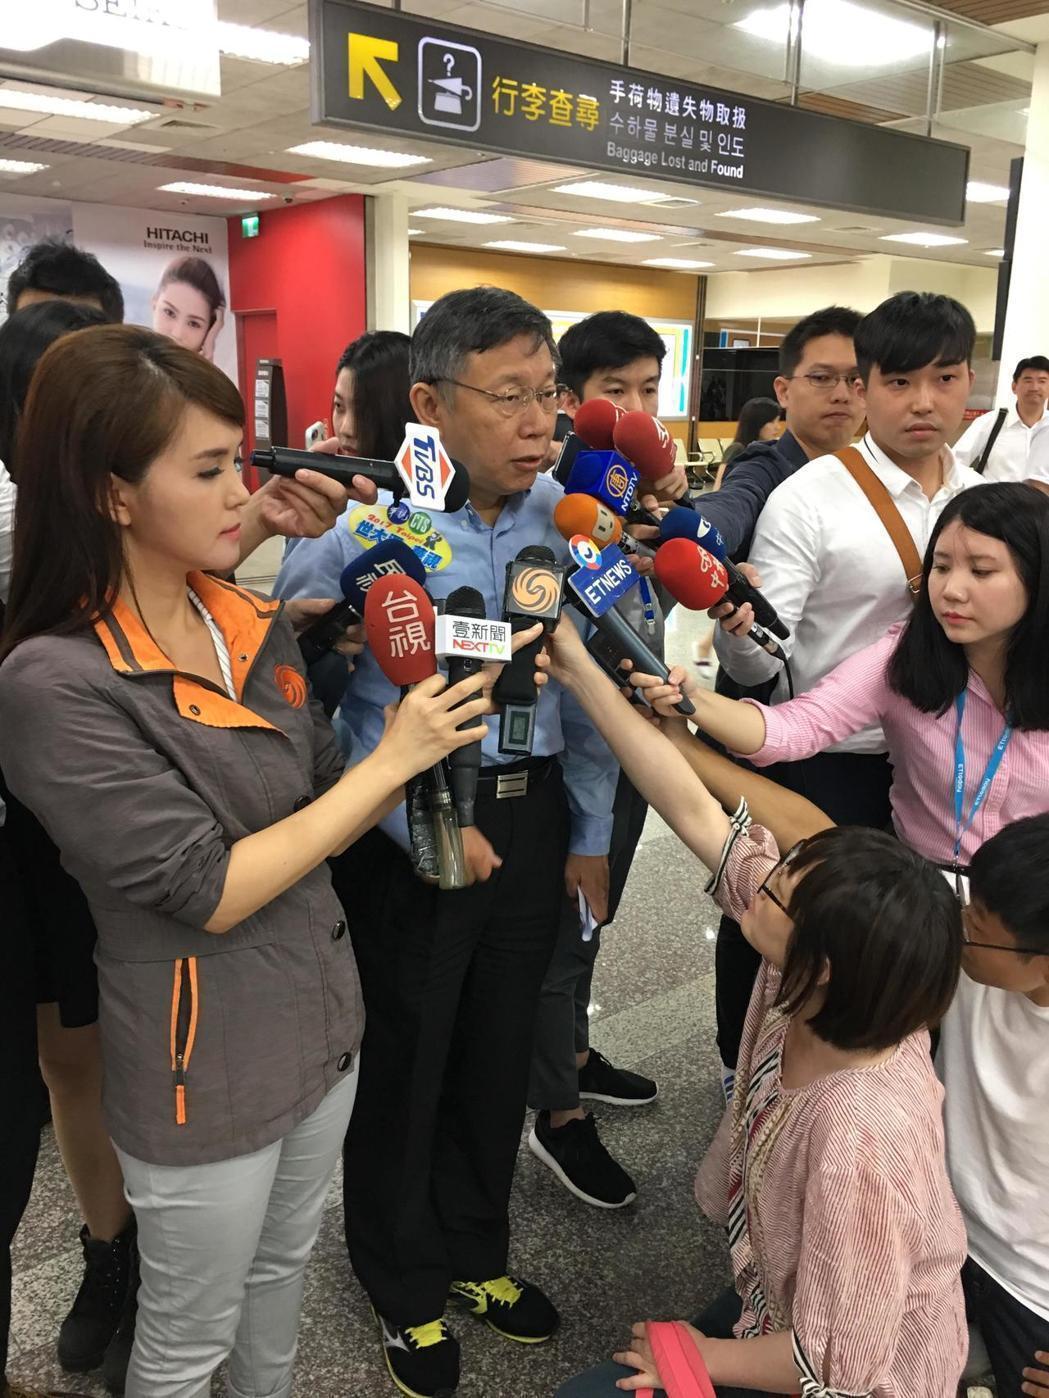 台北市長柯文哲常在正式場合,以西裝褲和襯衫搭配運動鞋。圖/聯合報系資料照片